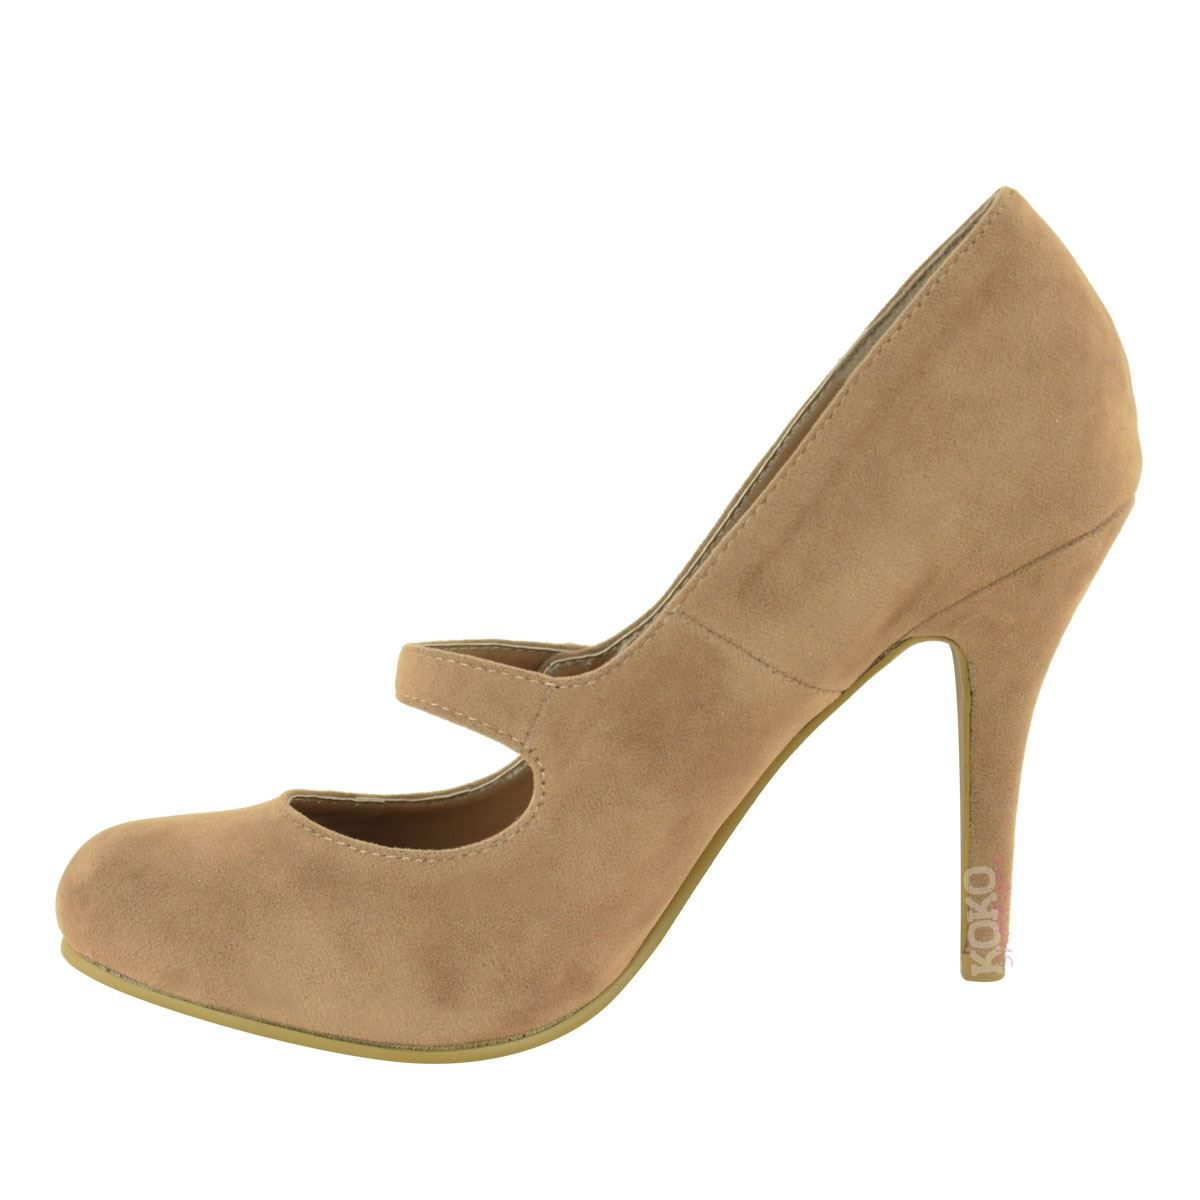 damen pumps mit high heels riemchen absatz hoch ebay. Black Bedroom Furniture Sets. Home Design Ideas